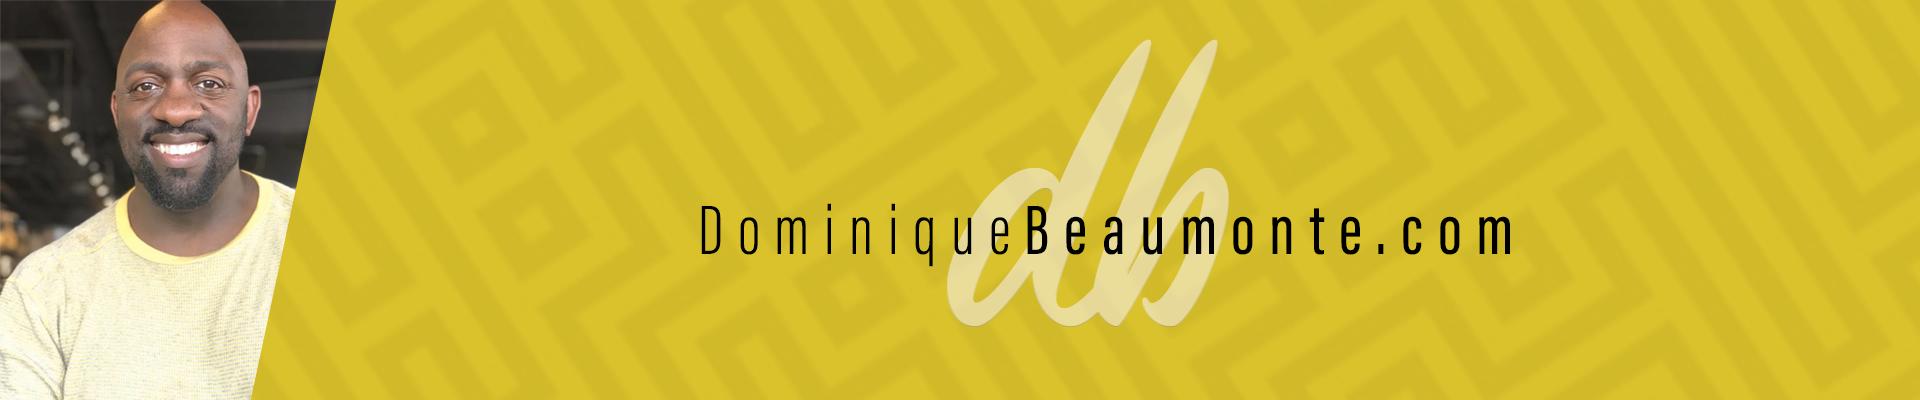 Dominiquebeaumonte.com